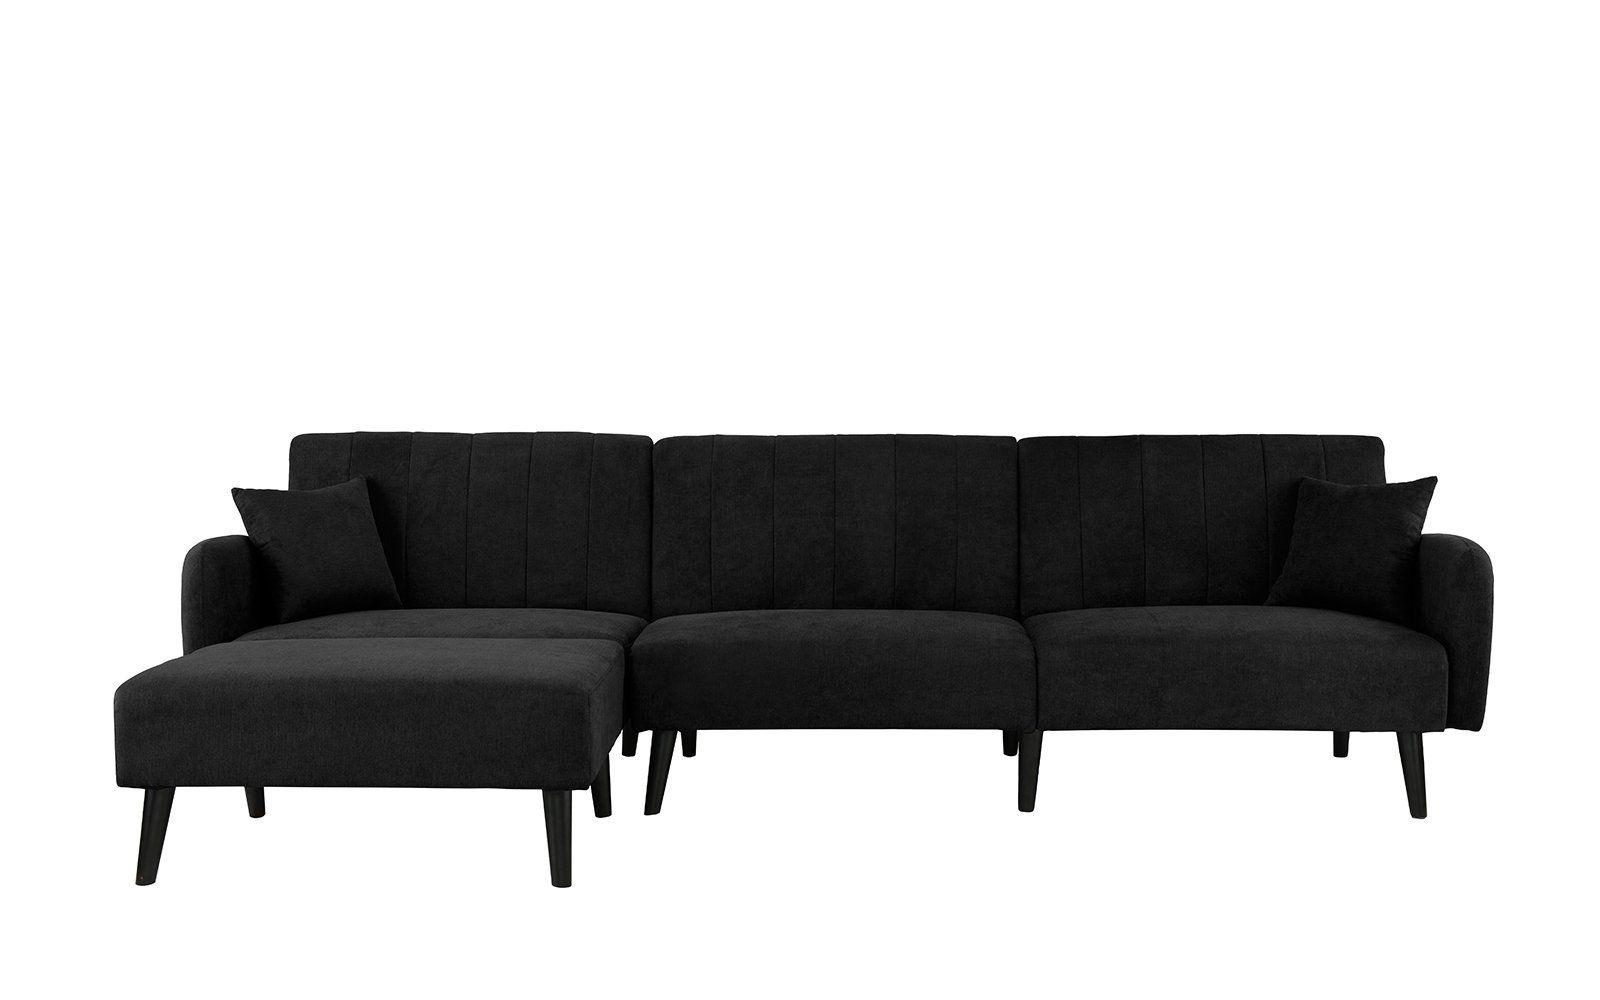 Almonte Modern Futon Sectional Sofa